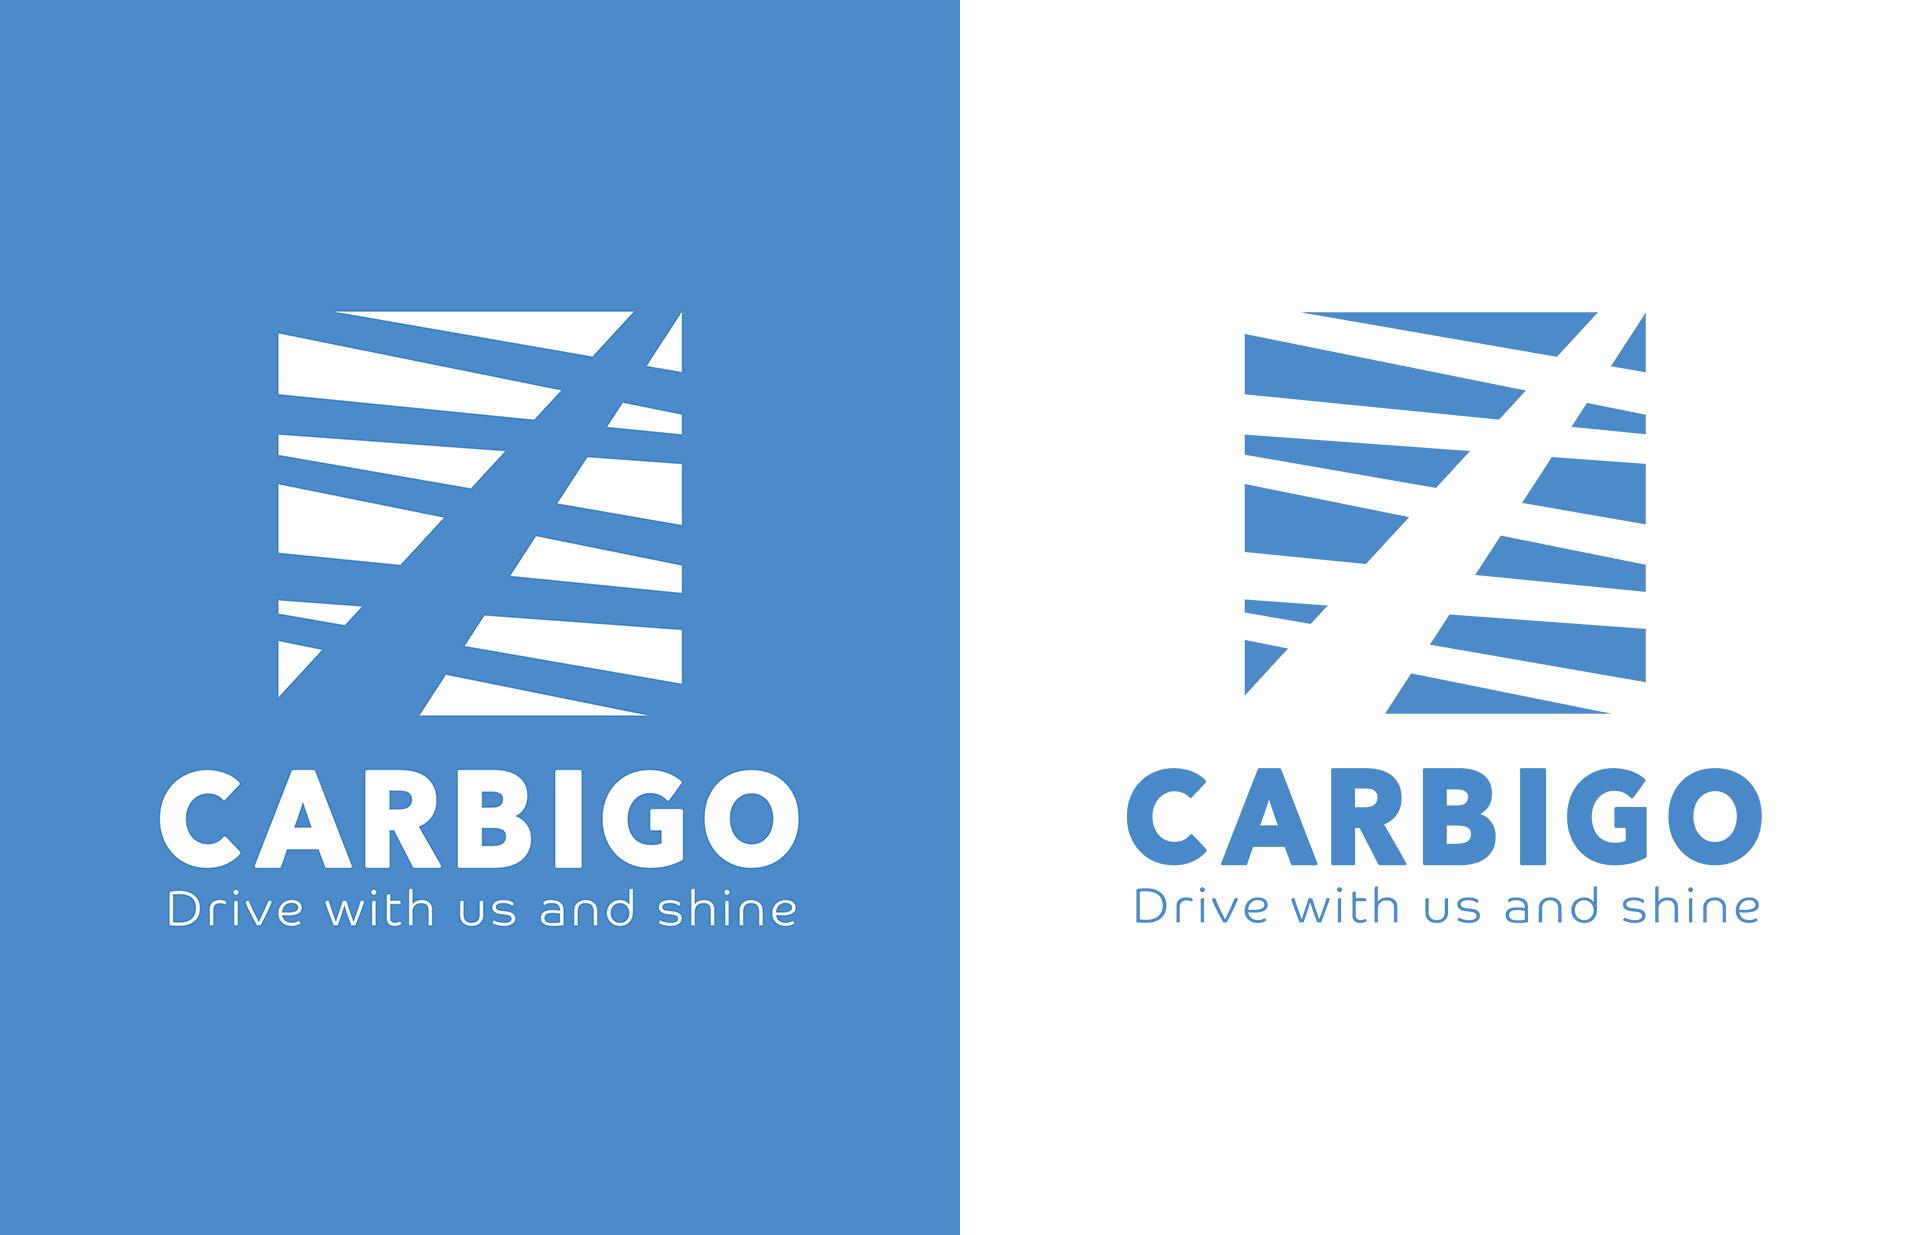 CARBIGO